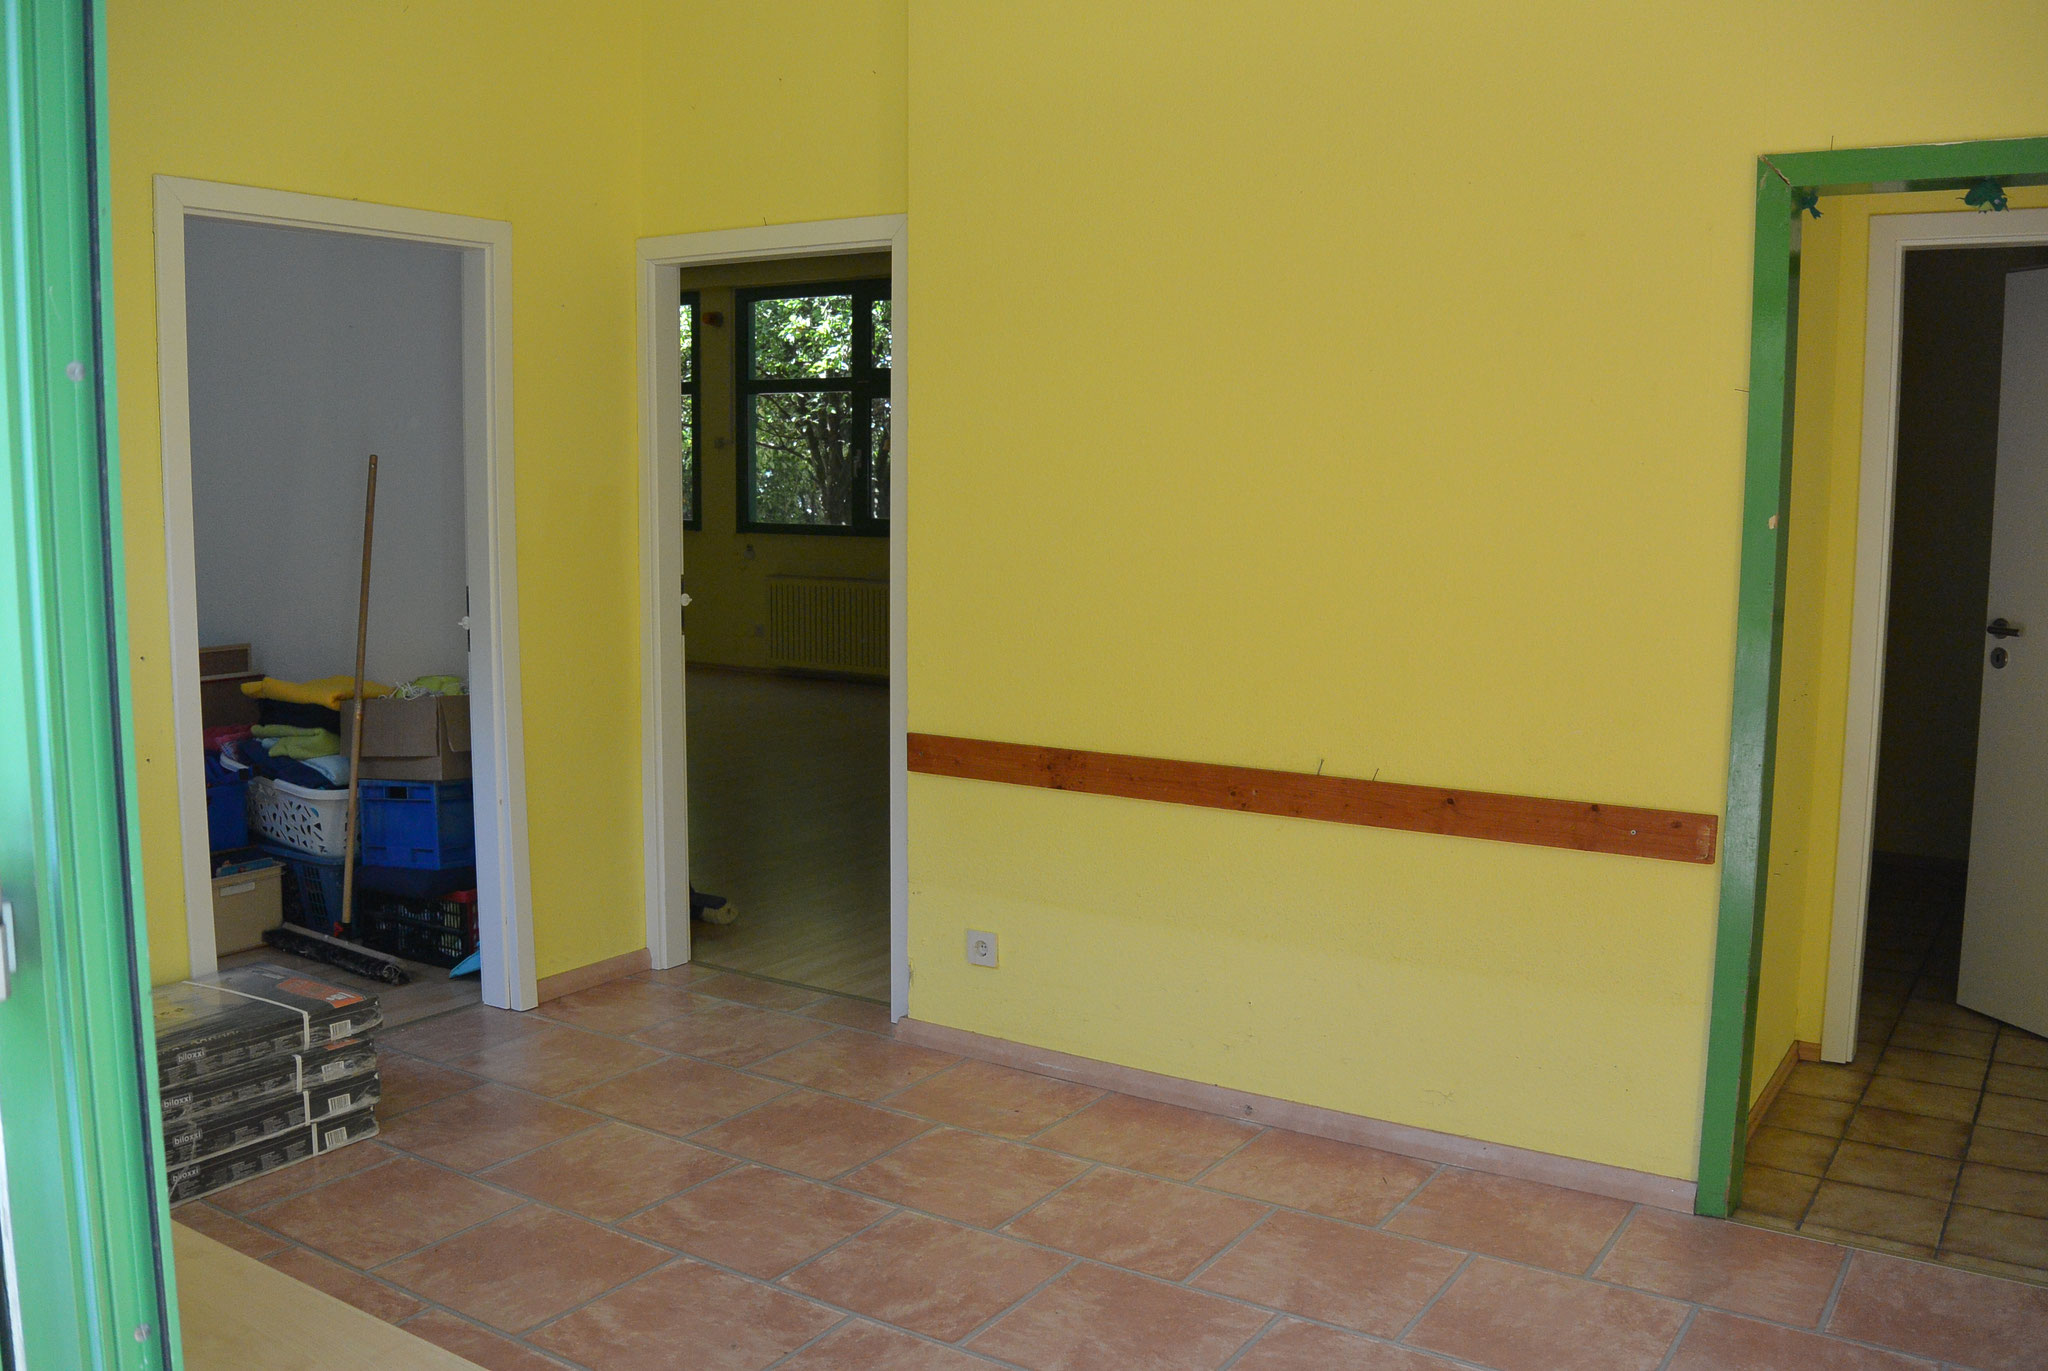 Der Eingangsbereich empfing uns in einem fröhlichen gelb